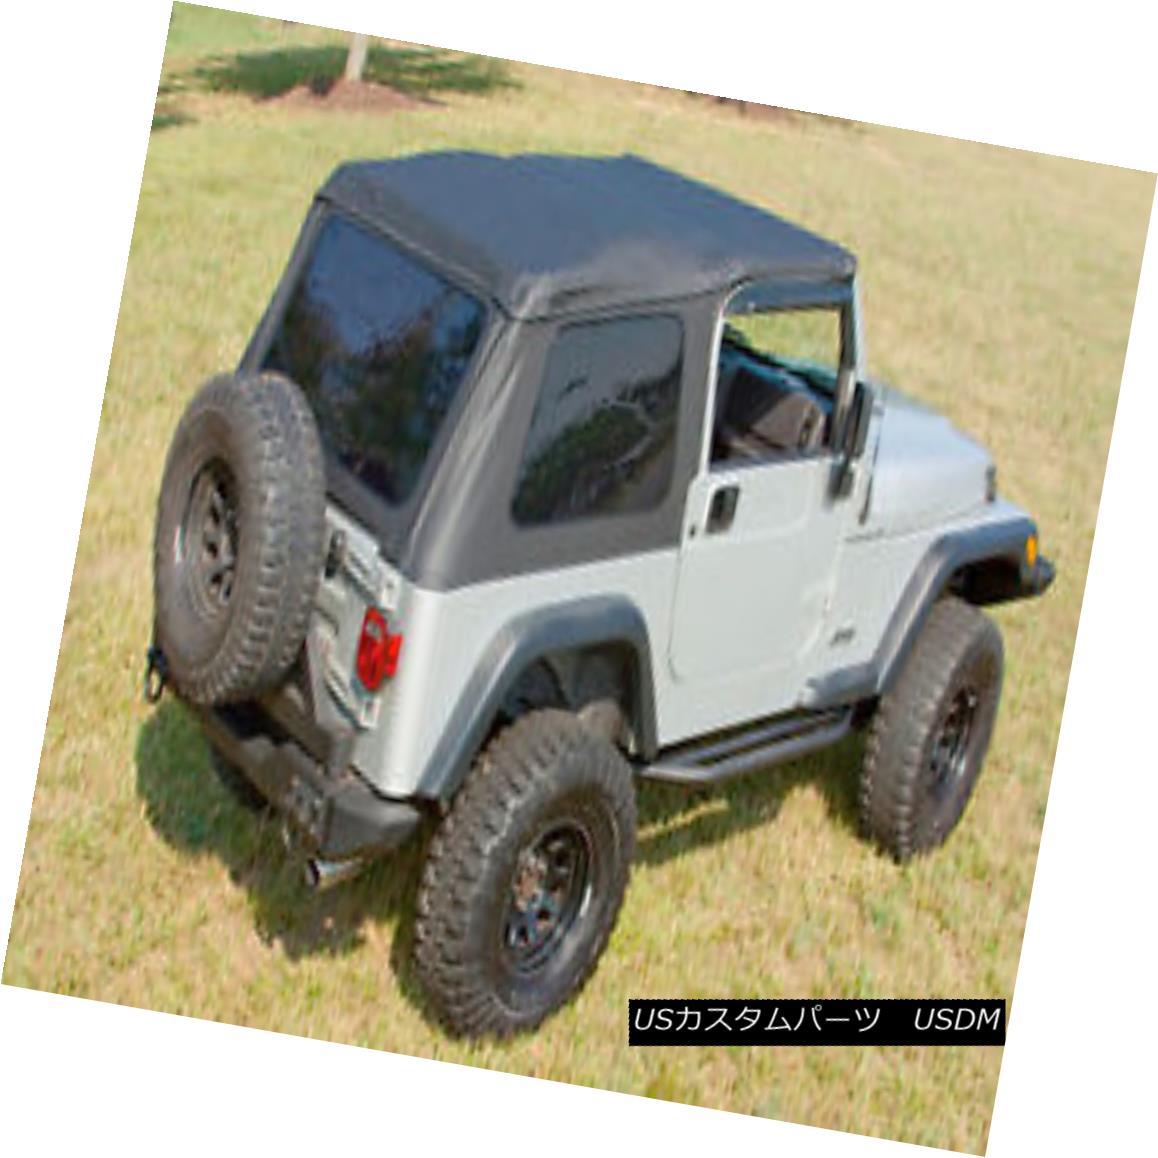 幌・ソフトトップ Black Diamond Bowless XHD Soft Top Jeep Wrangler TJ 97-06 13751.33 Rugged Ridge ブラックダイヤモンドボウレスXHDソフトトップジープラングラーTJ 97-06 13751.33頑丈なリッジ